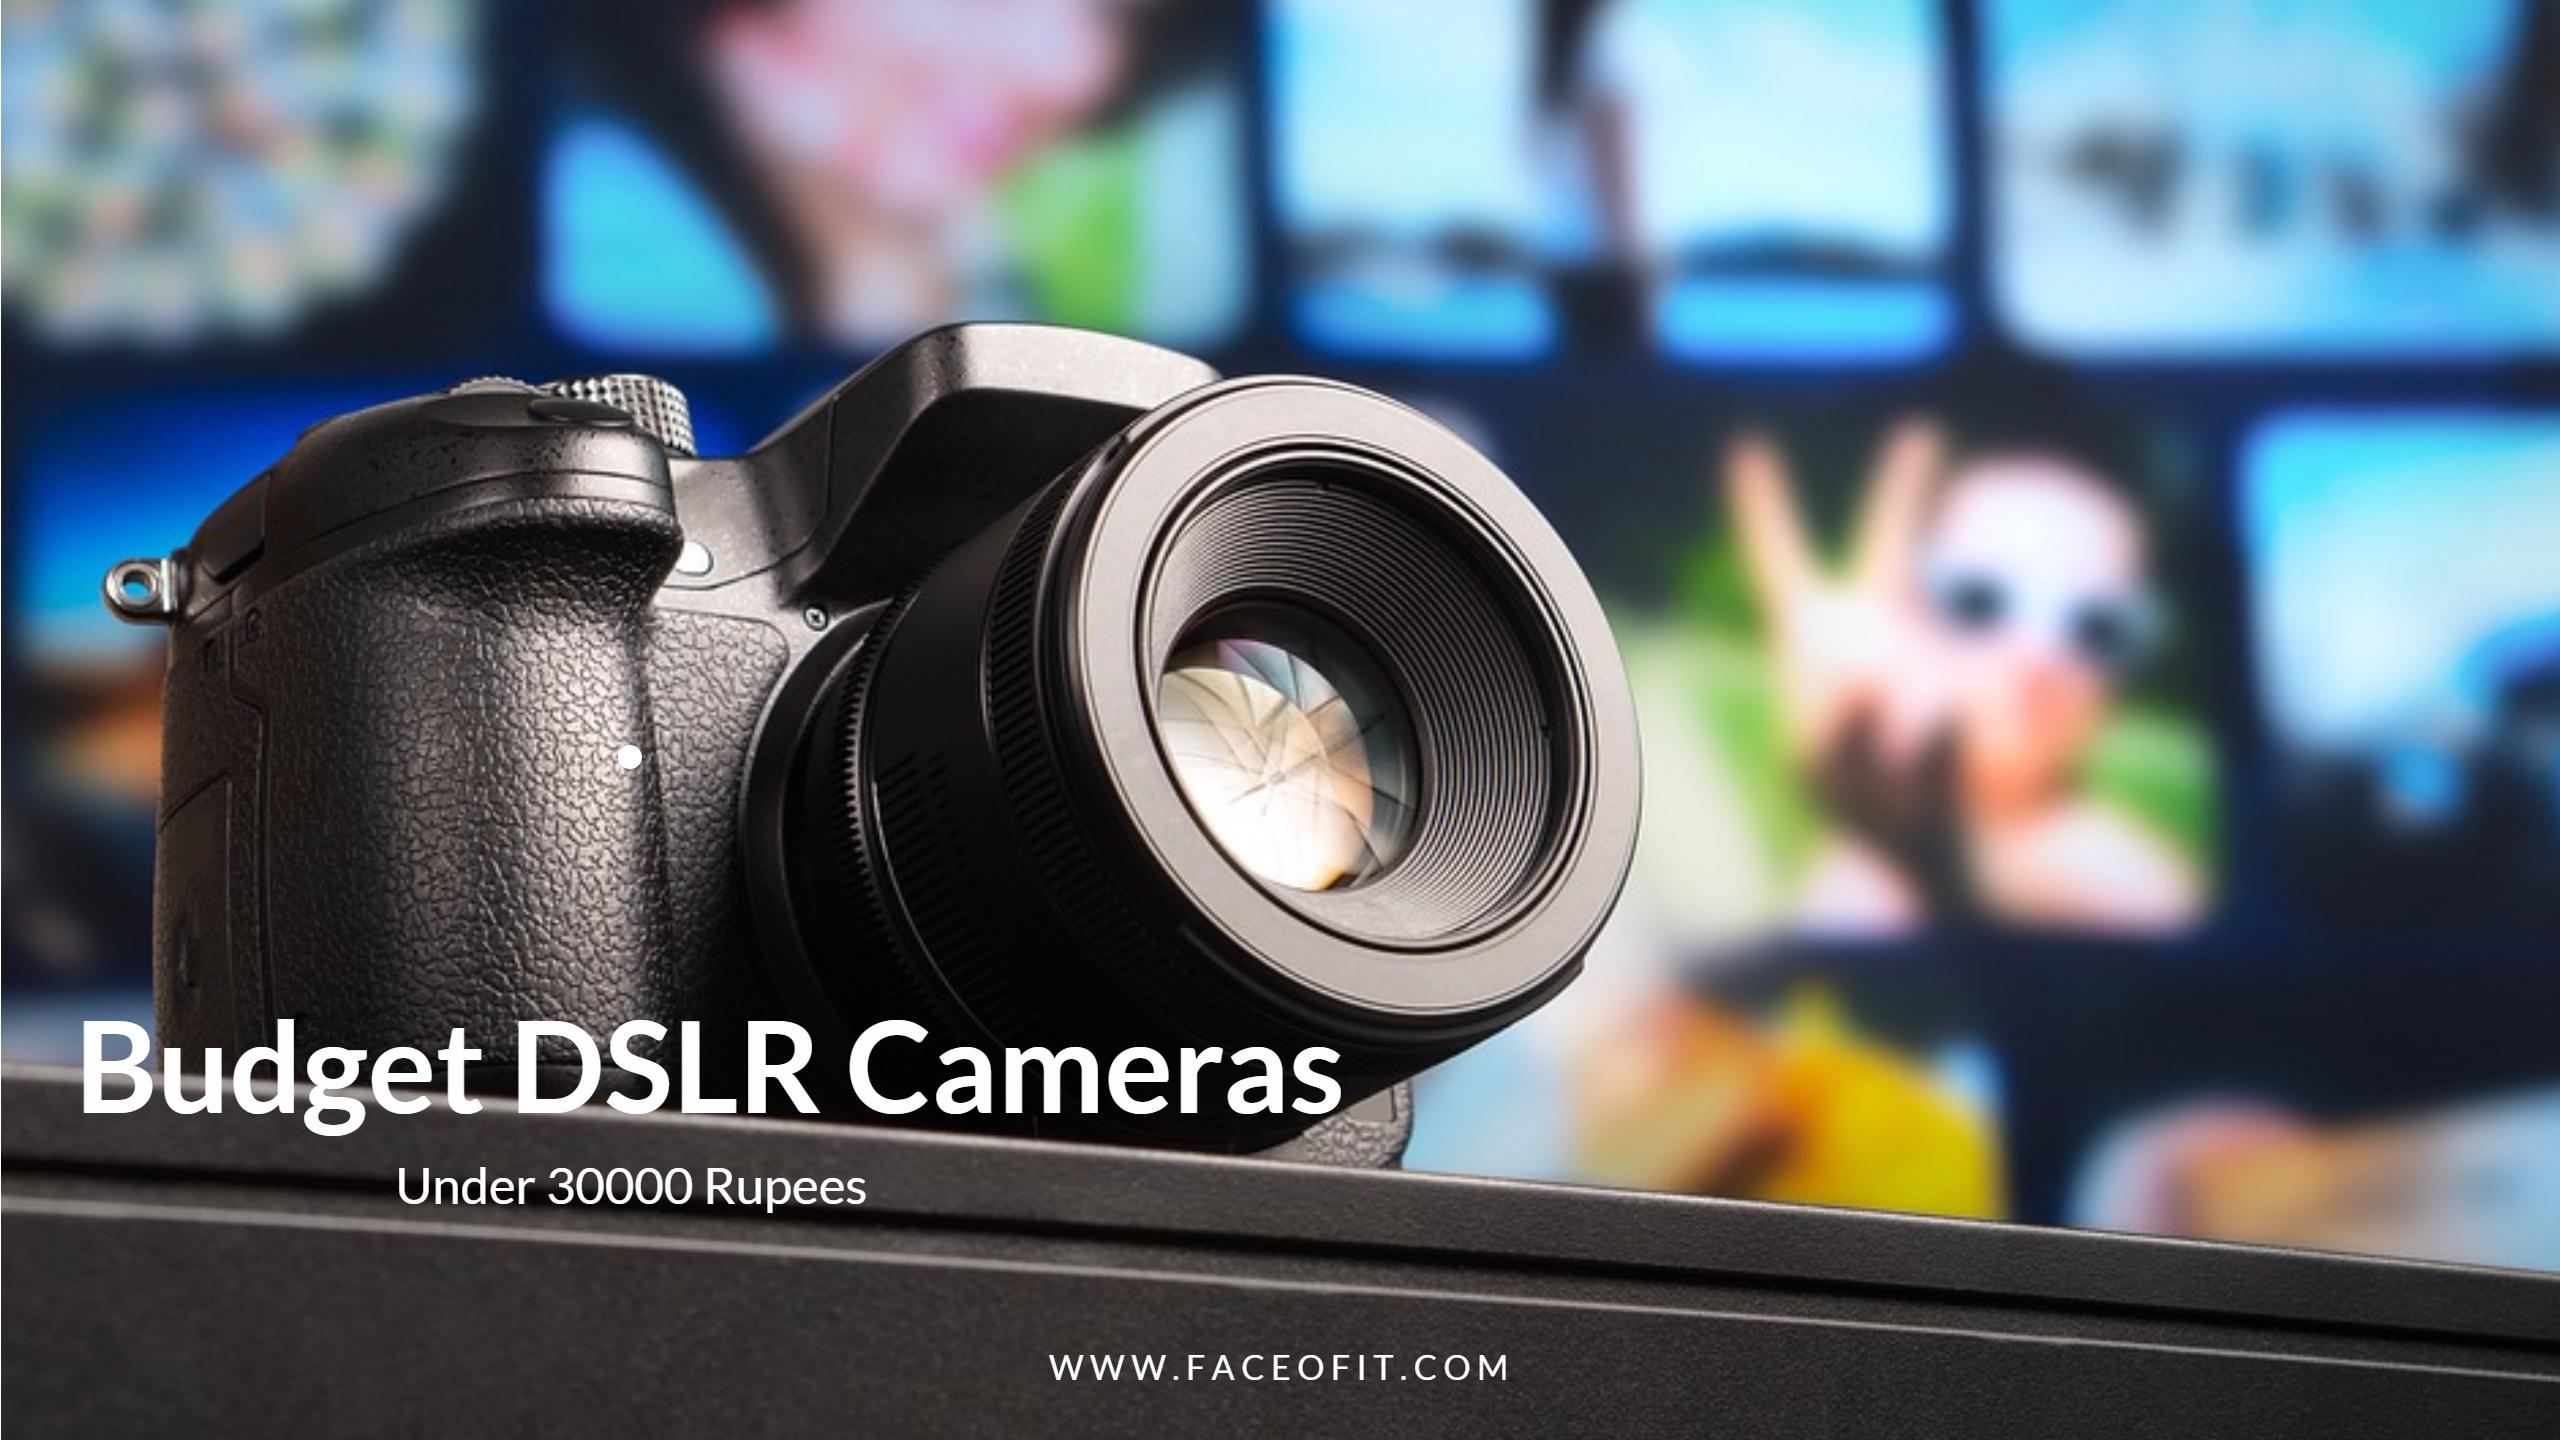 Budget DSLR Camera